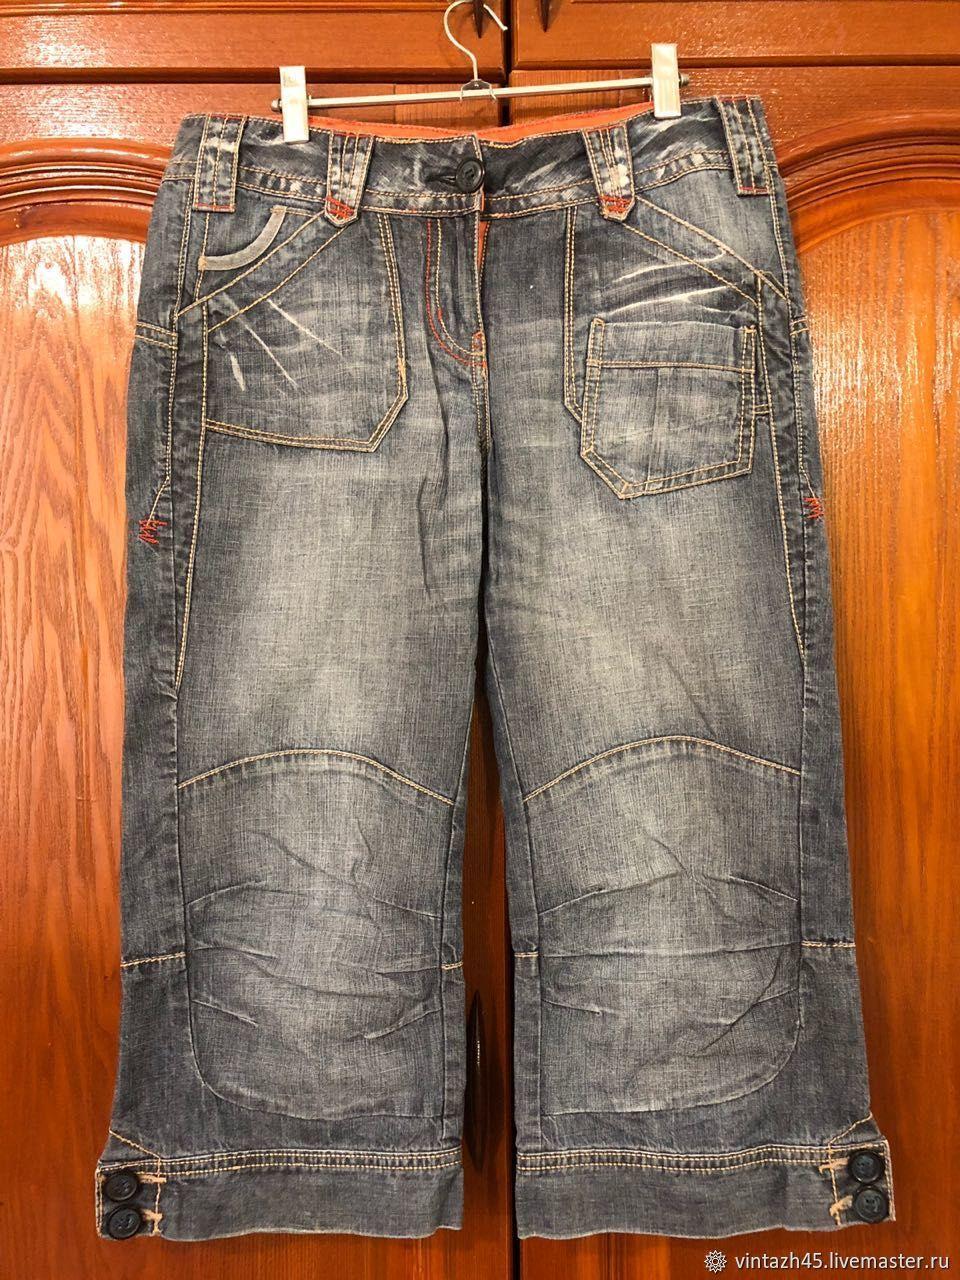 61238de51b6 ... Одежда. Заказать Винтаж  Винтажные мужские шорты. Авторские и винтажные  вещи от Ольги. ...